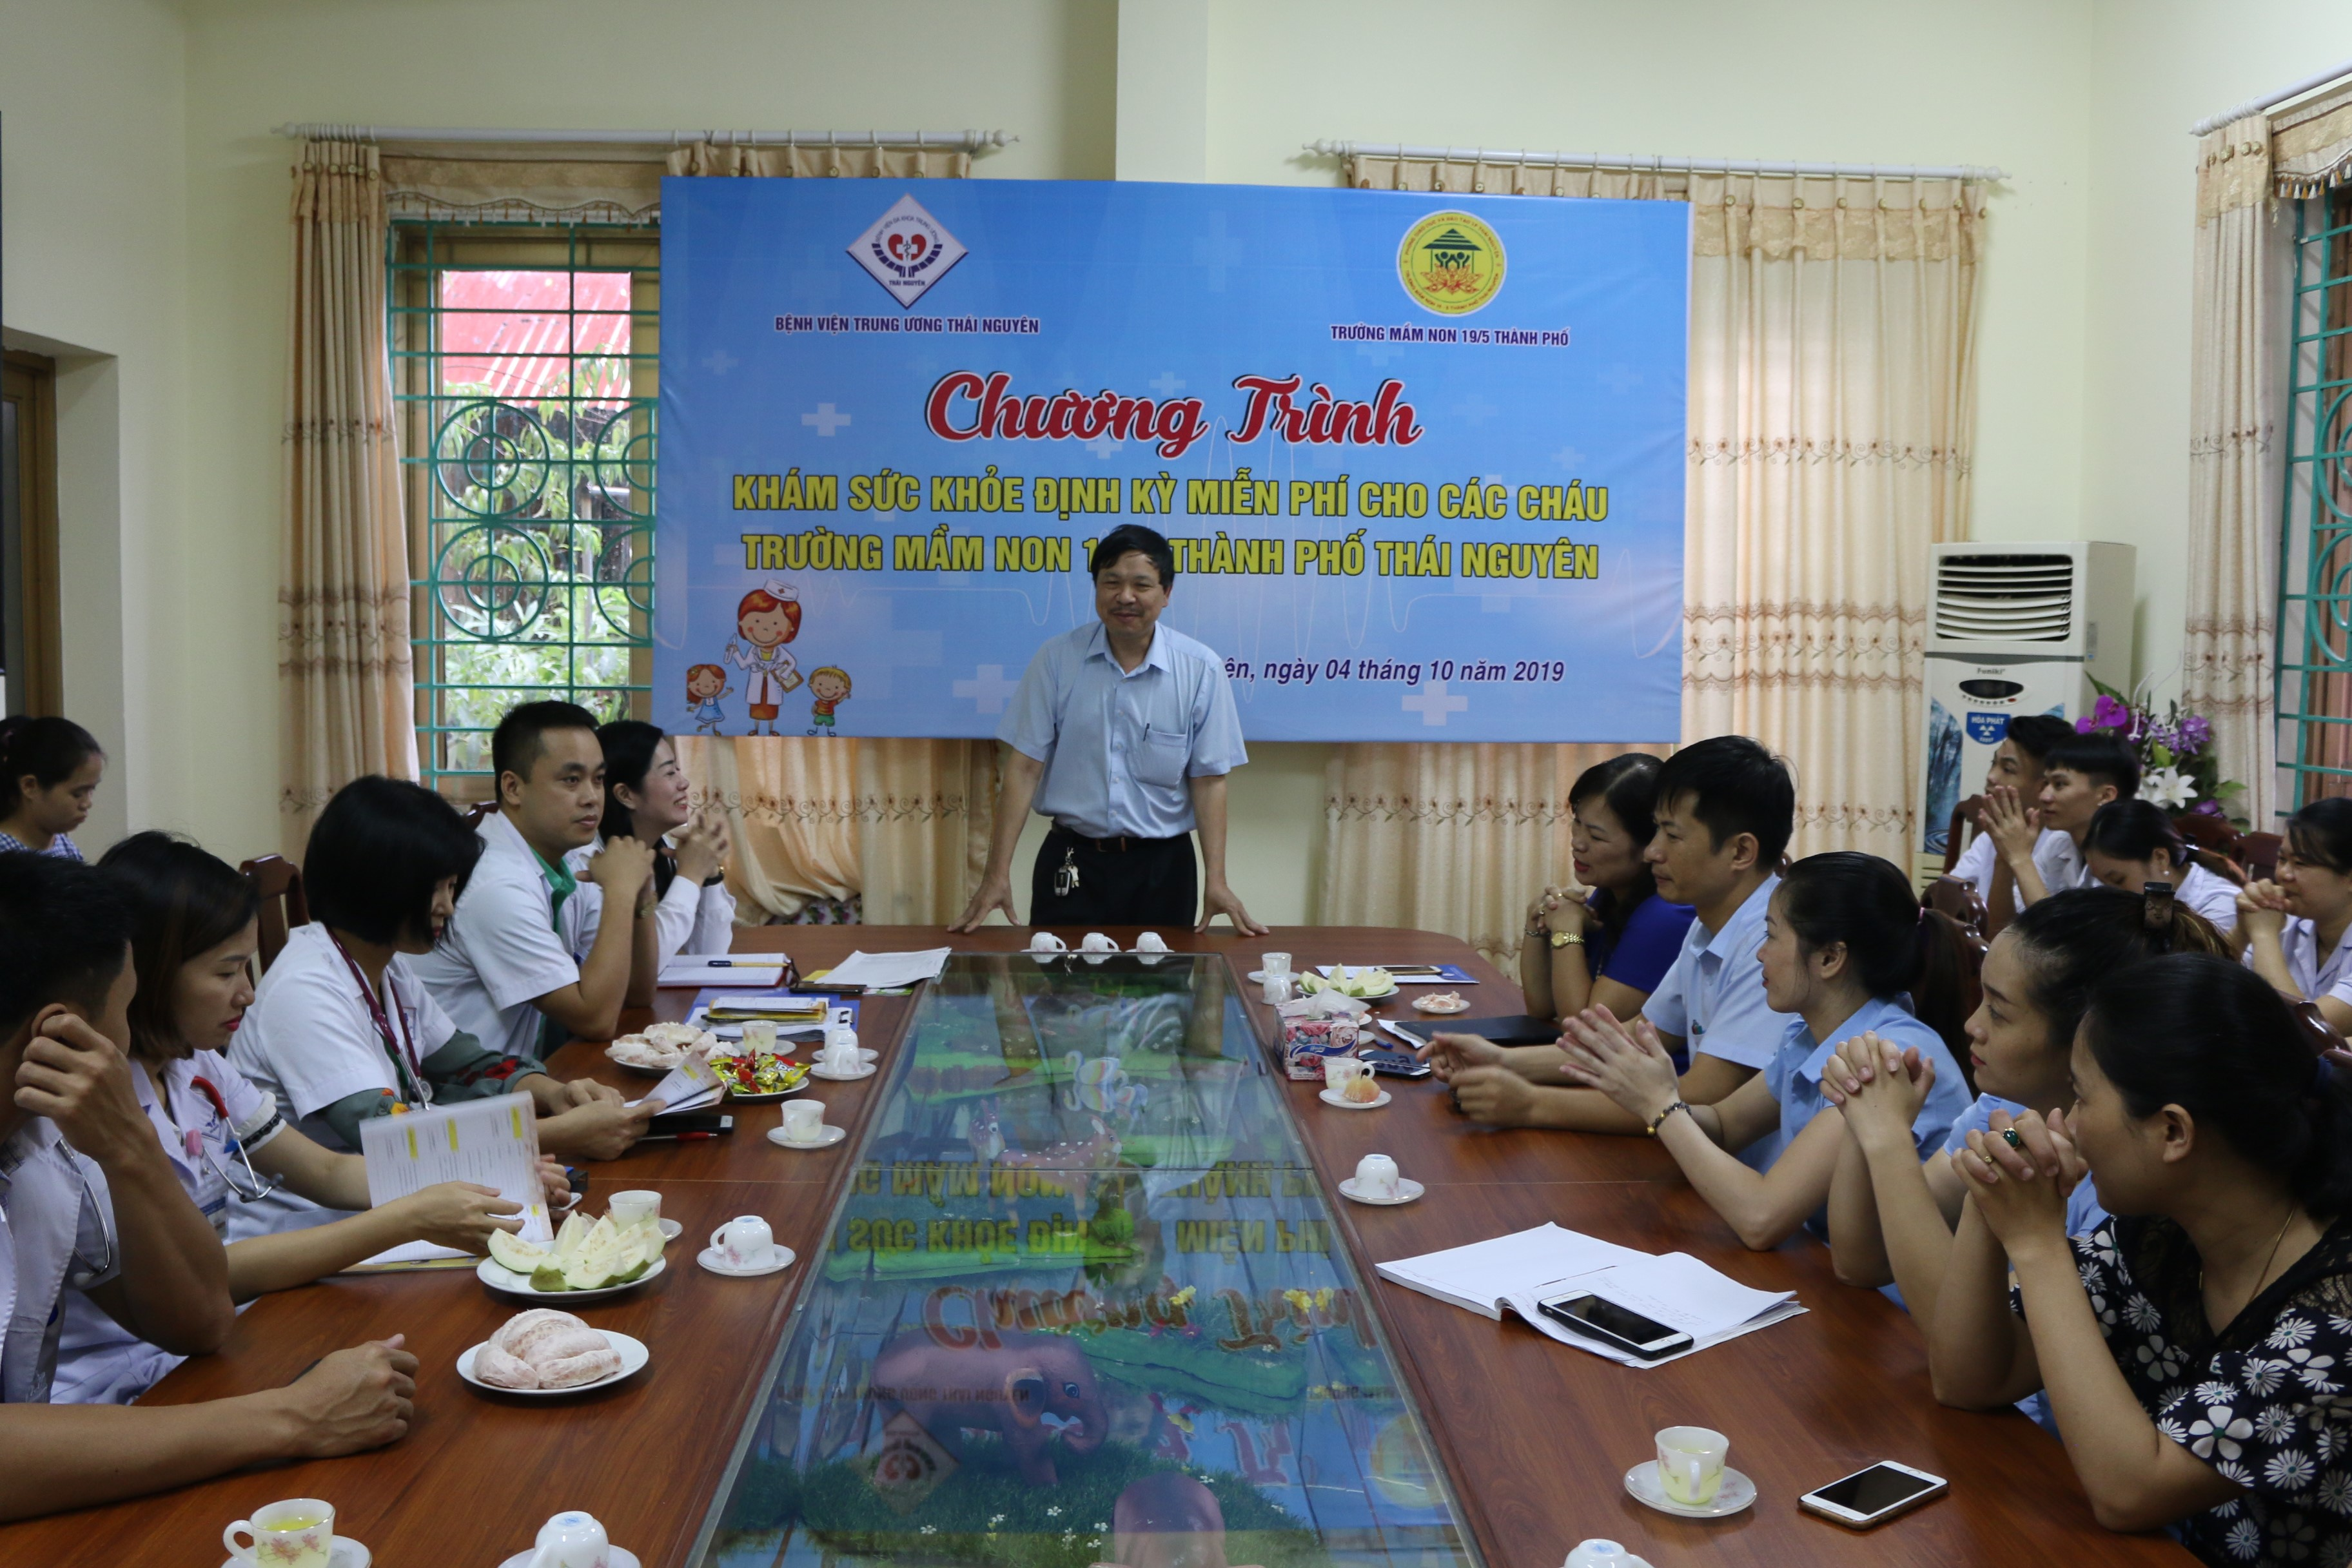 Khám sức khỏe định kỳ miễn phí cho học sinh trường mầm non 19/5, thành phố Thái Nguyên